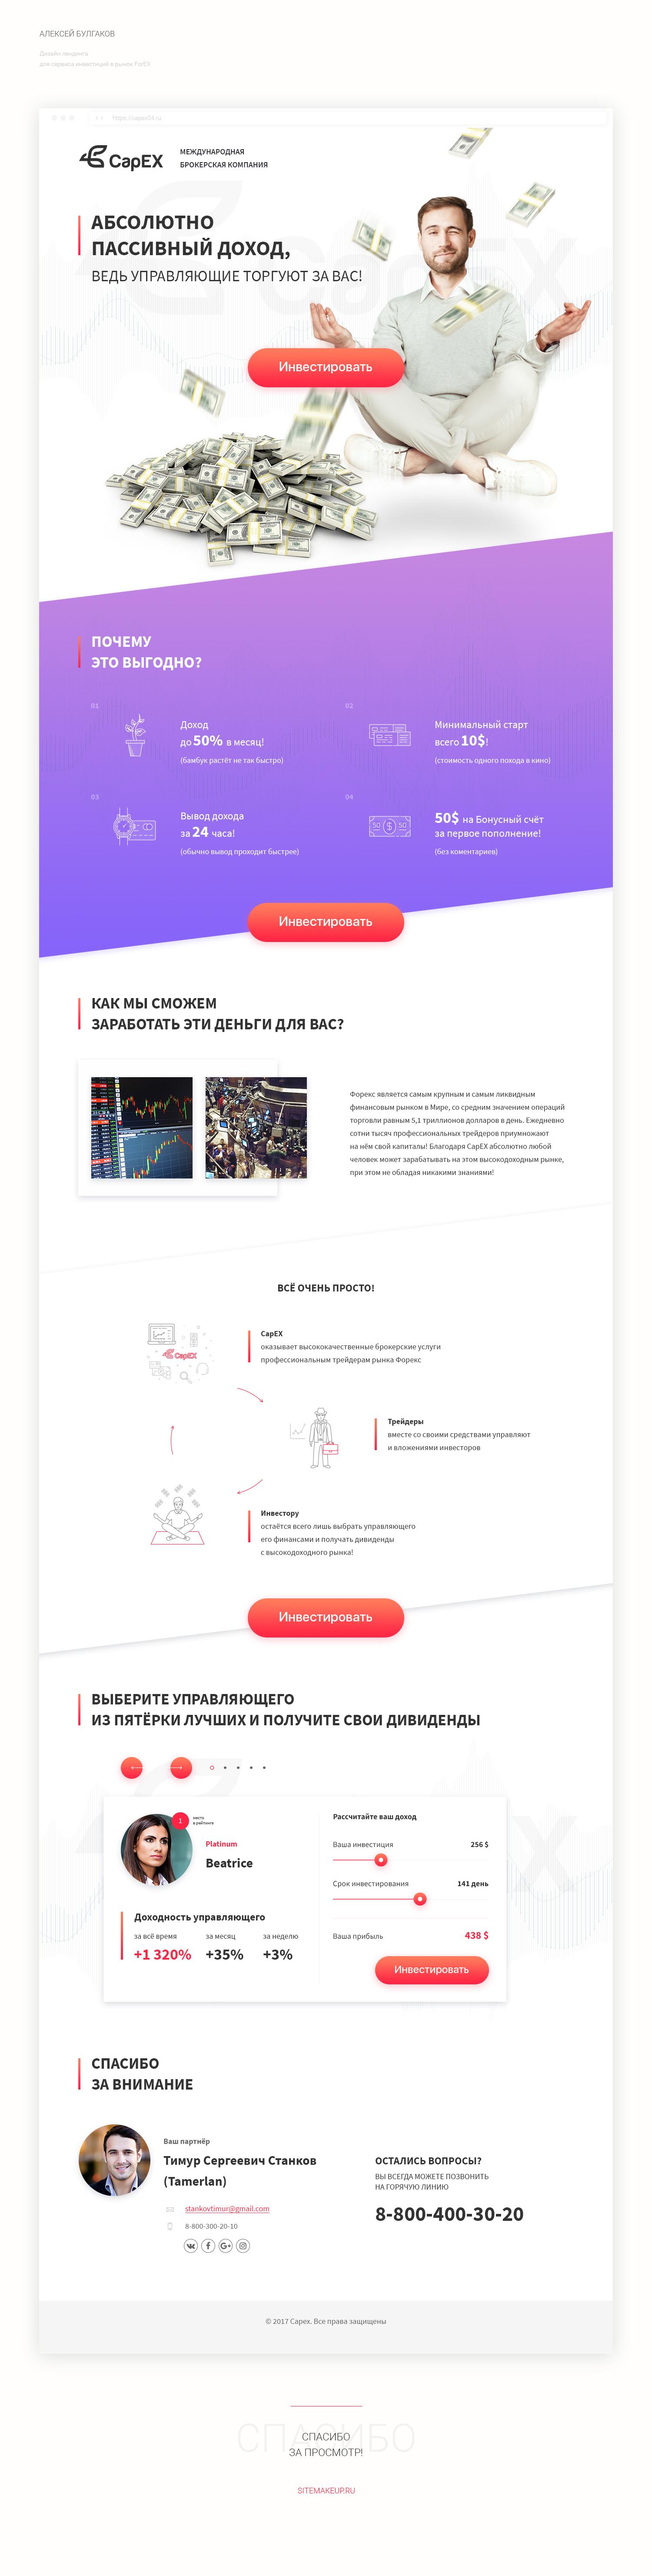 Дизайн лендинга для сервиса инвестиций в рынок ForEX